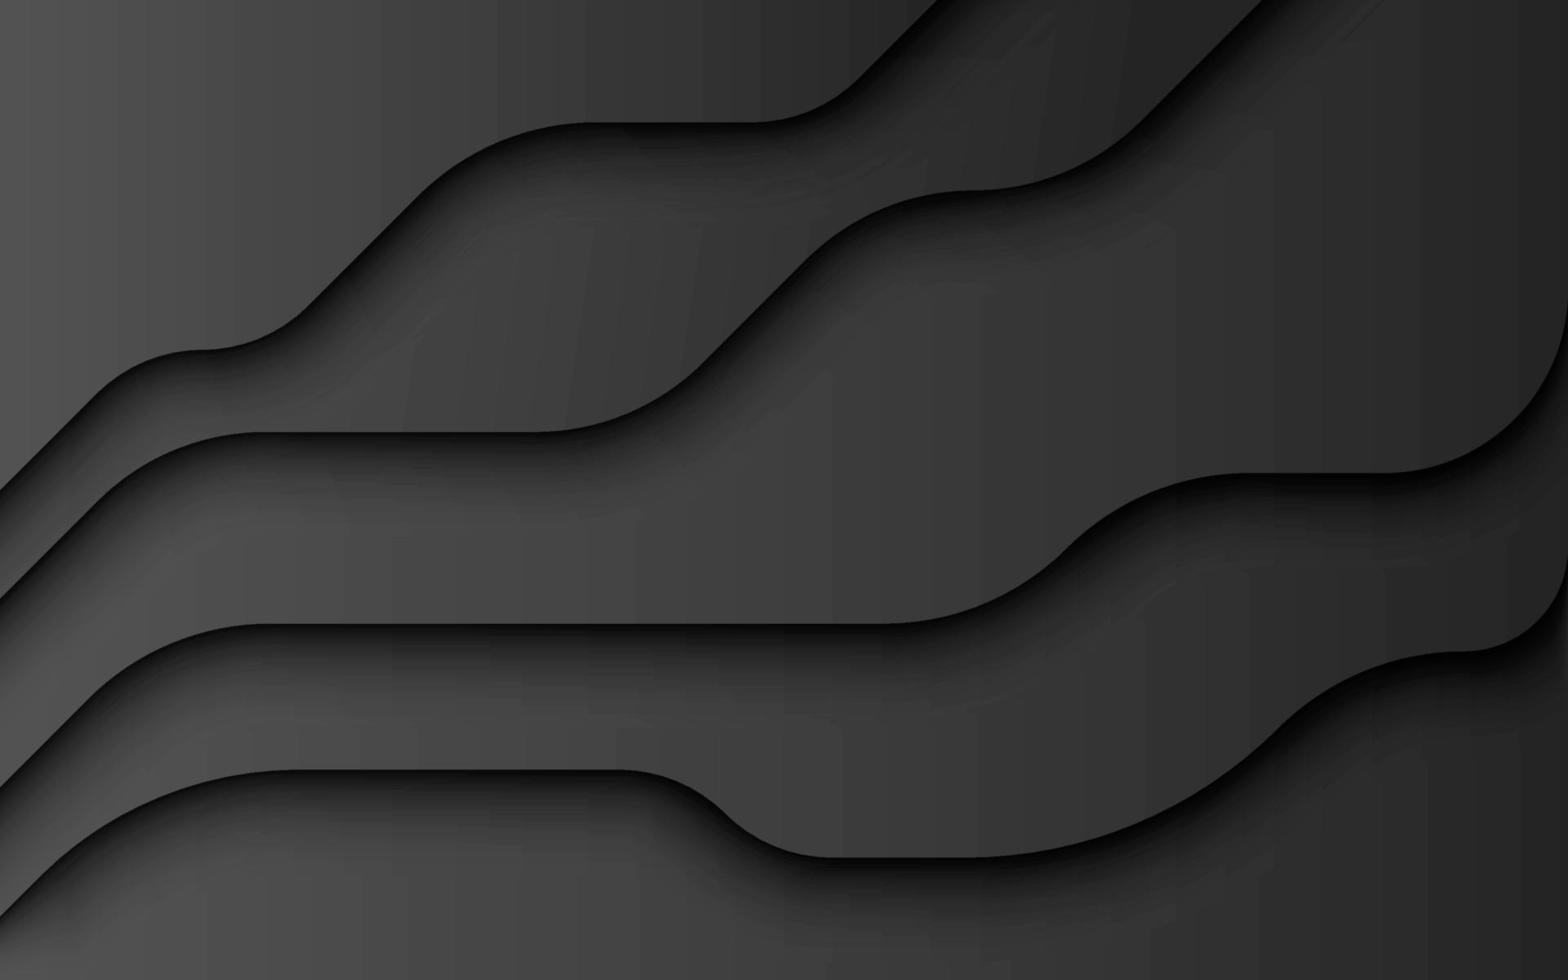 couches ondulées de vecteur de fond de papier noir